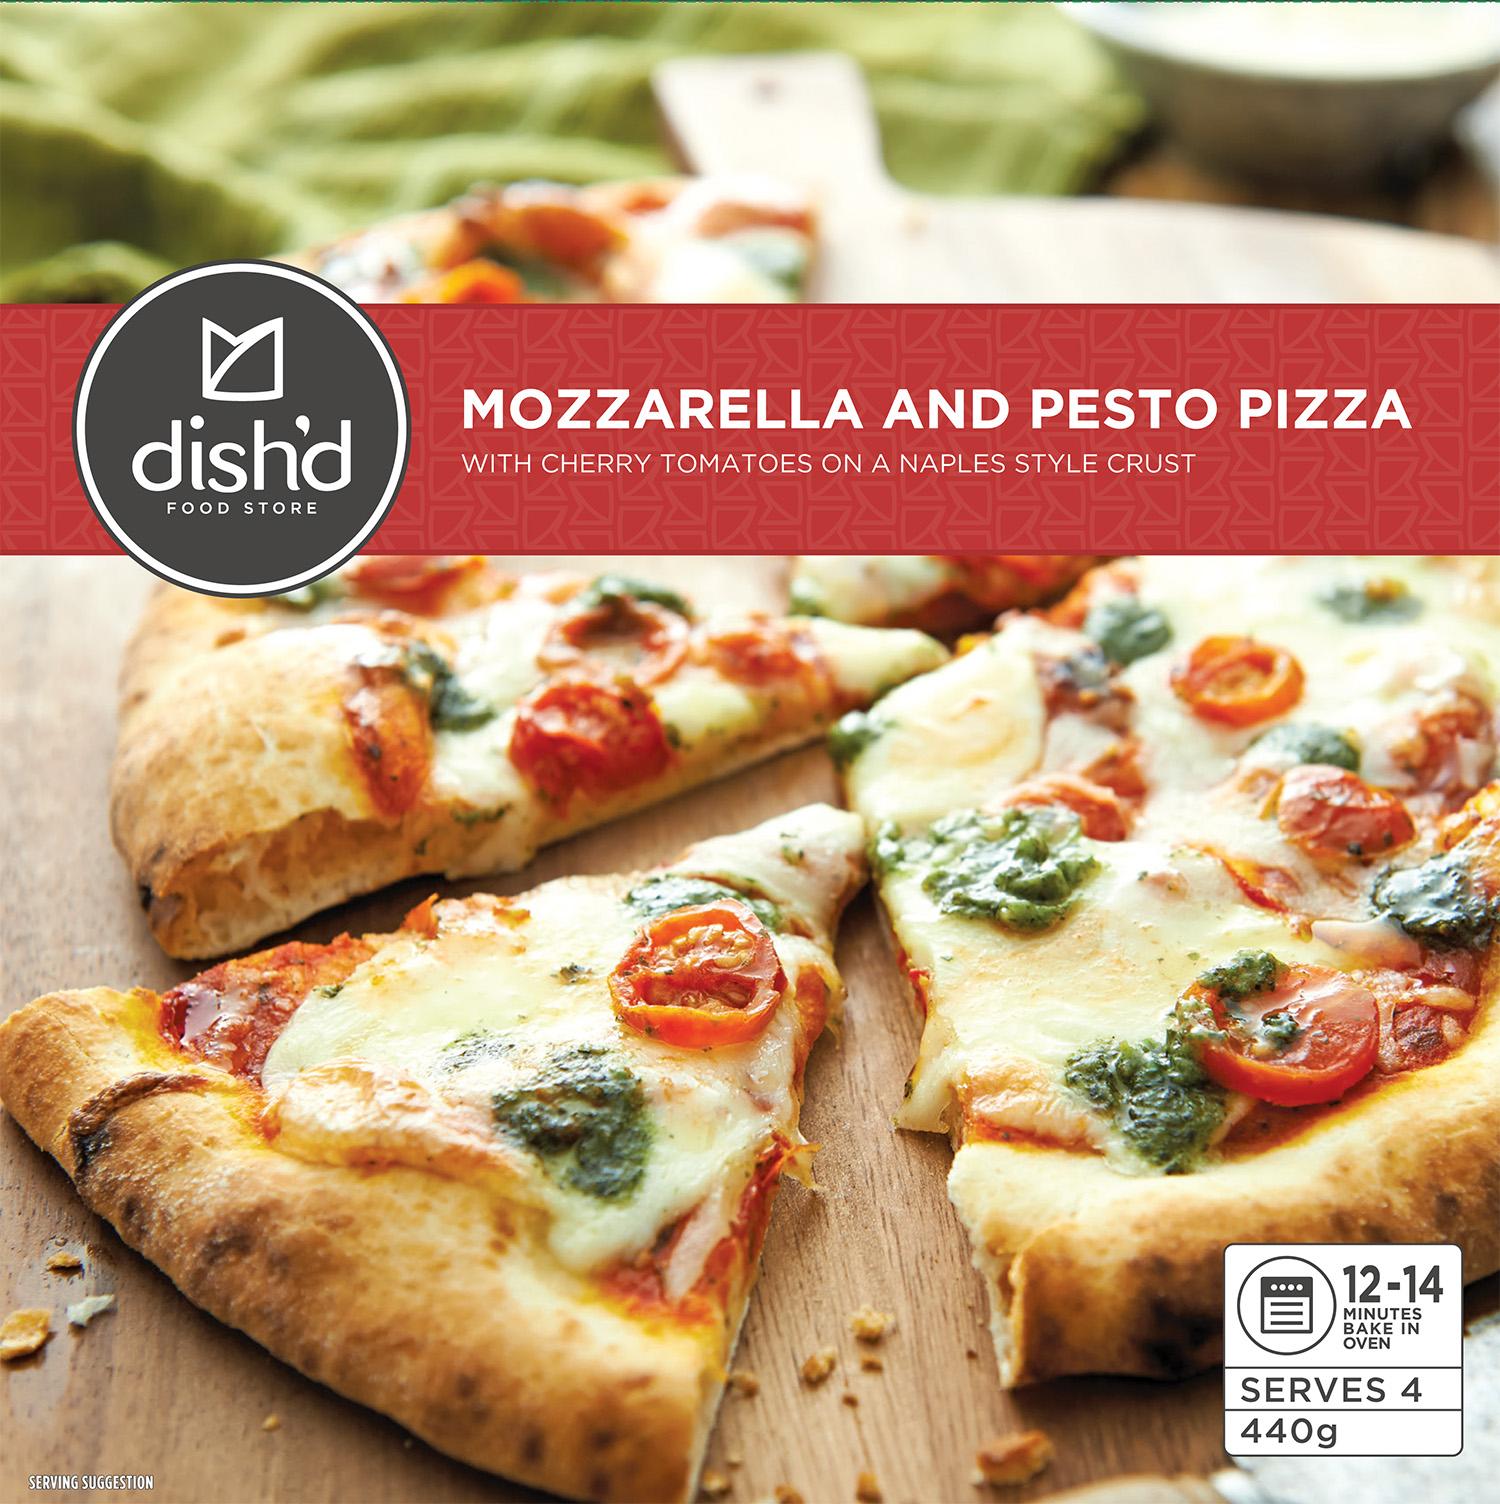 59802 Mozzarella and Pesto Pizza 290x290x30.jpg